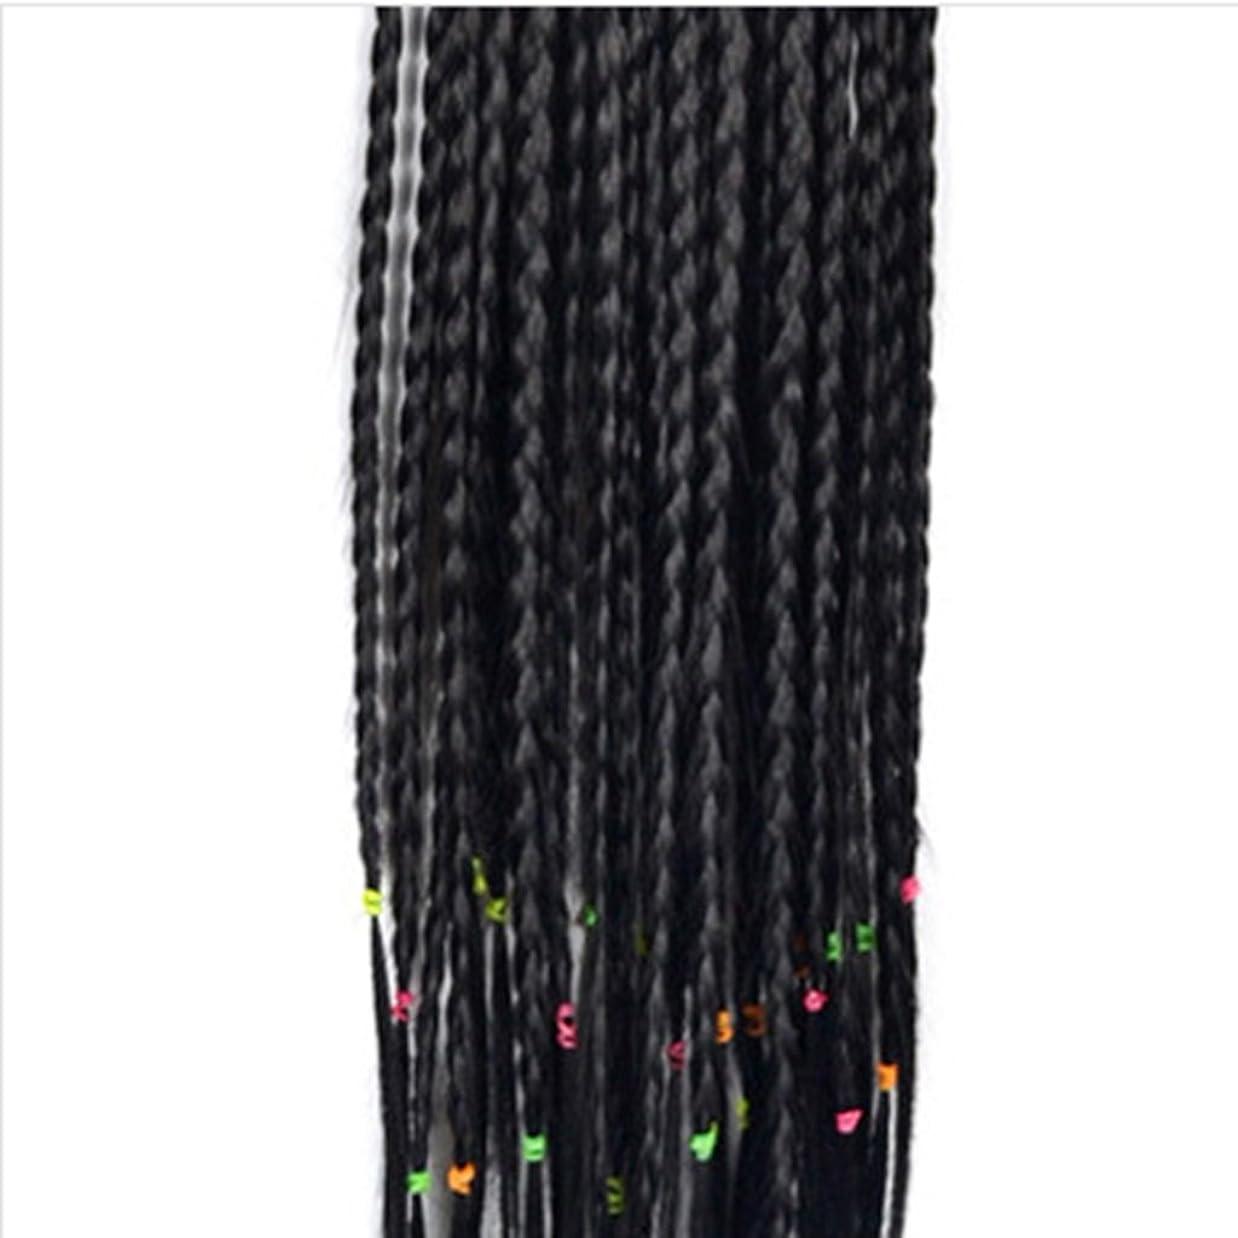 と組むファイナンス年金Doyvanntgo 45cmの女性のかつらのエクステンションワンピースの小さなスコーピオンのウィッグは、束ねられたポニーテイルの髪100gで (Color : ブラック)